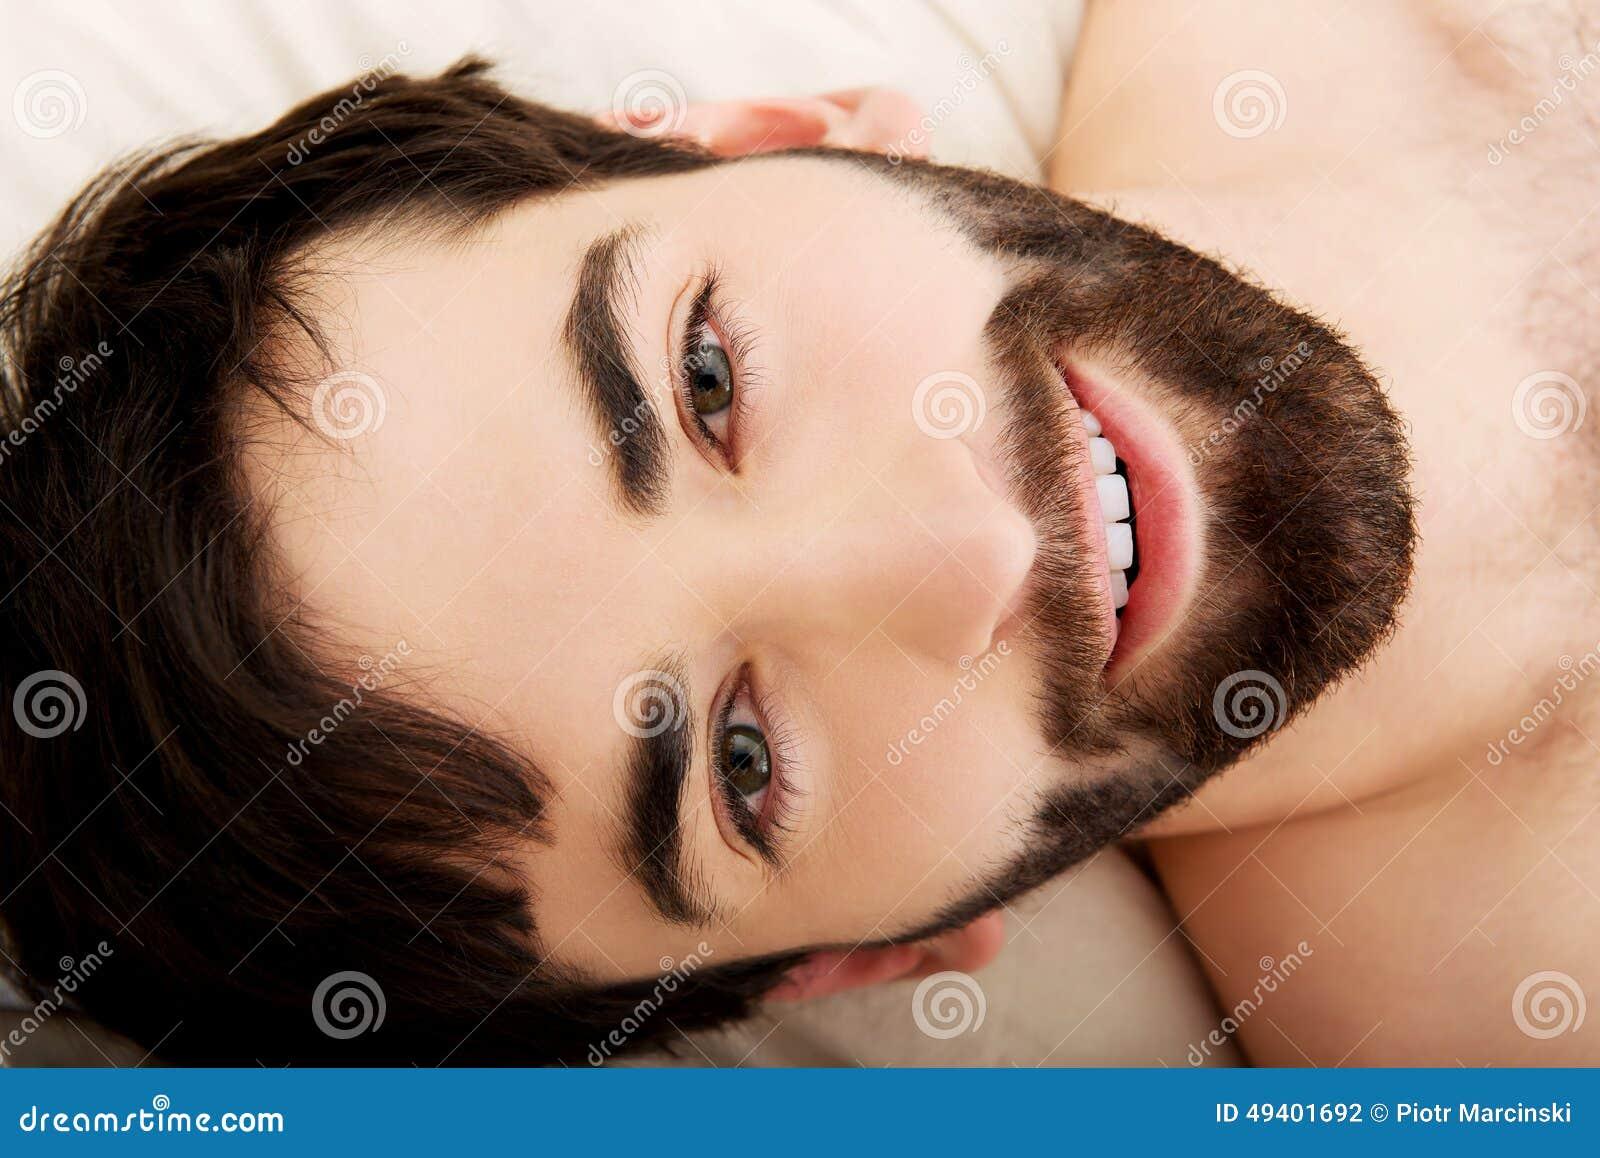 Download Junger Muskulöser Mann, Der Im Bett Liegt Stockfoto - Bild von attraktiv, gesundheit: 49401692